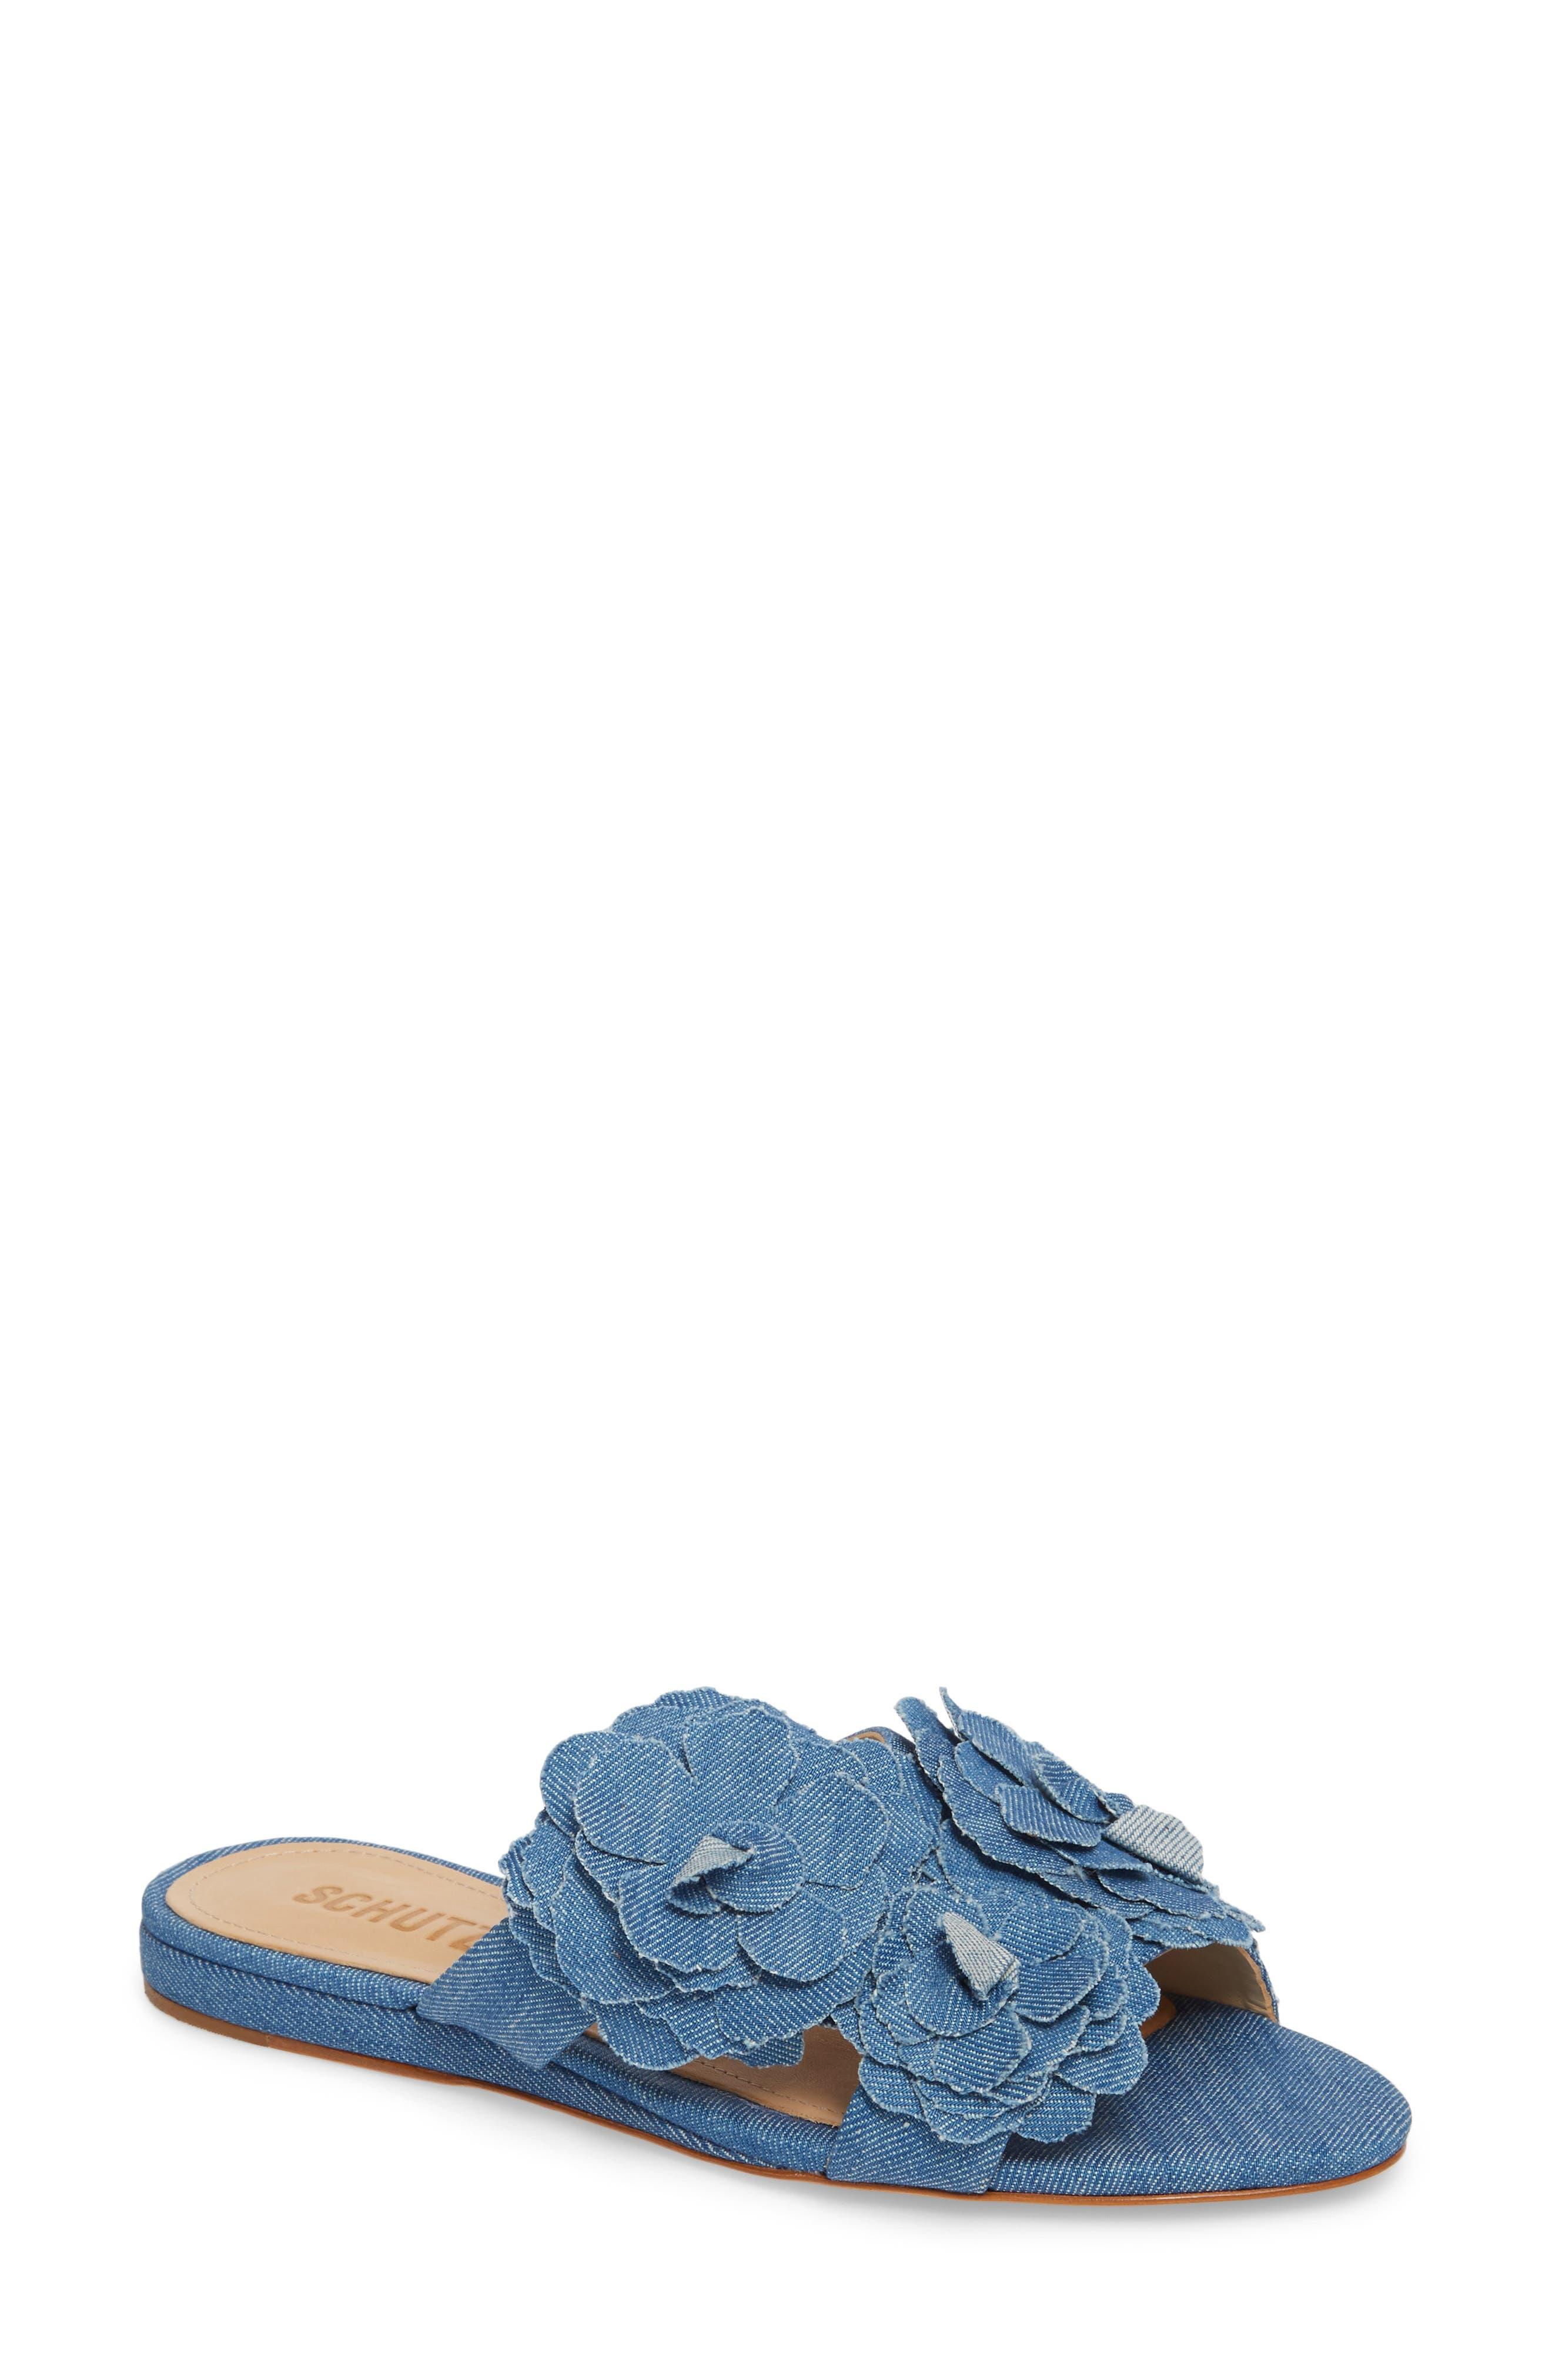 Ilaria Flower Sandal,                             Main thumbnail 1, color,                             LIGHT BLUE